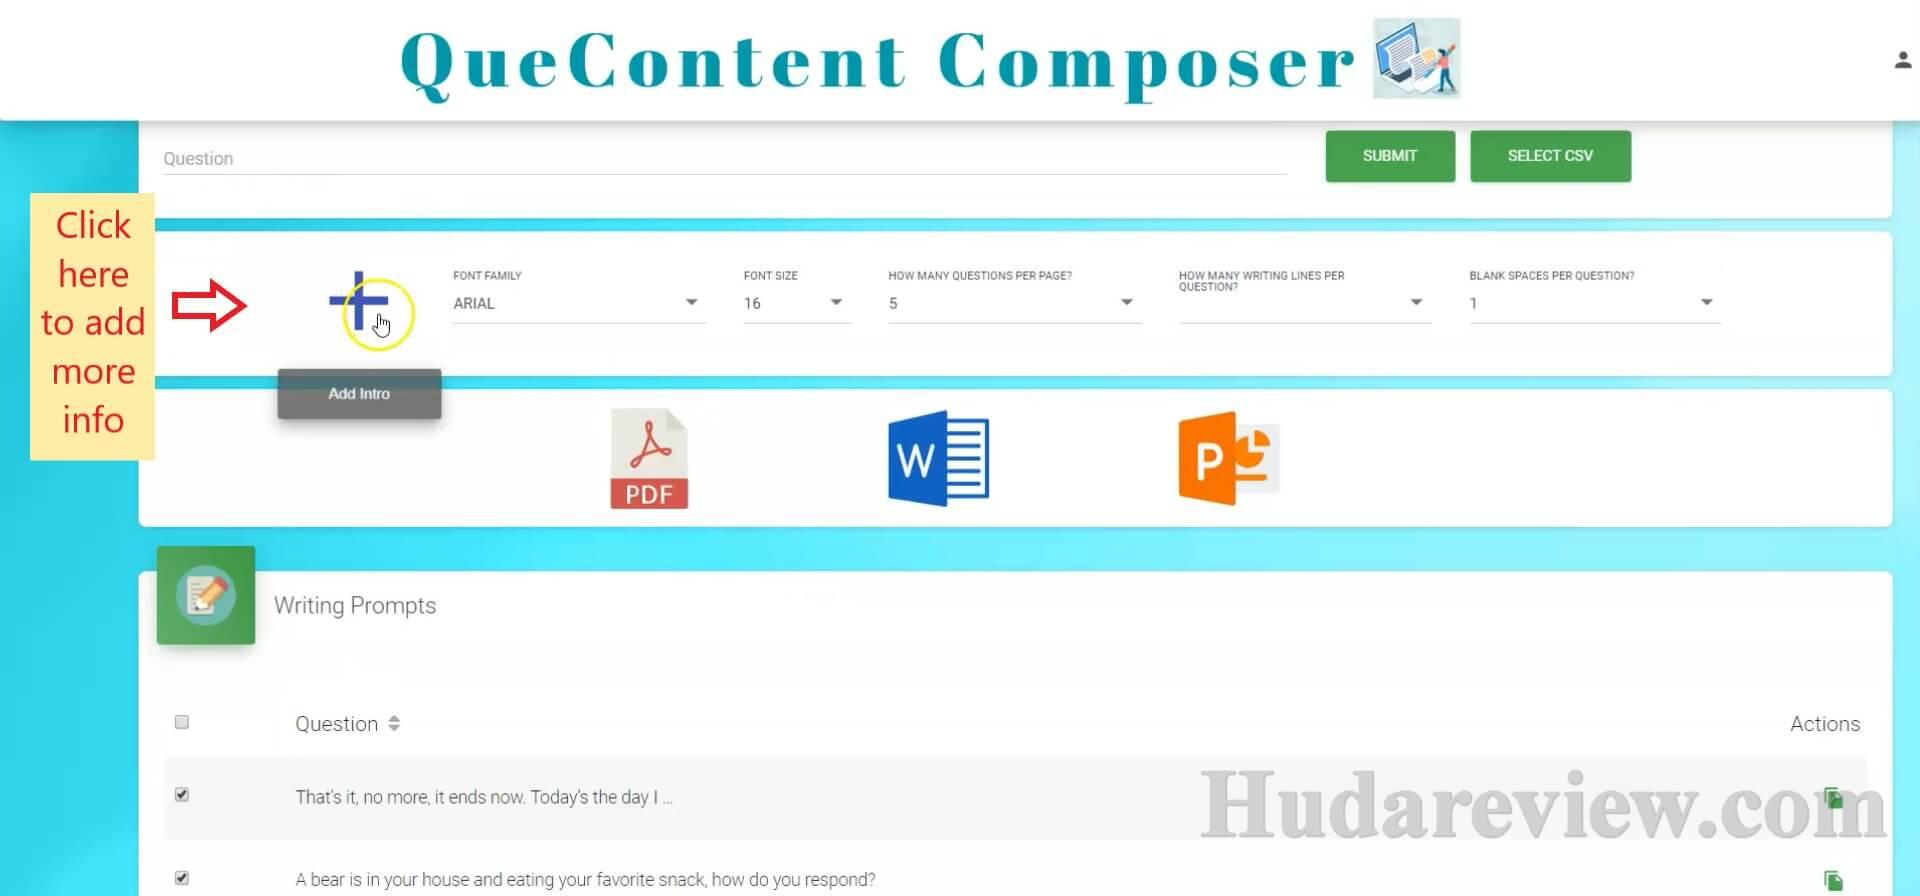 QueContent-Composer-Step-3-1